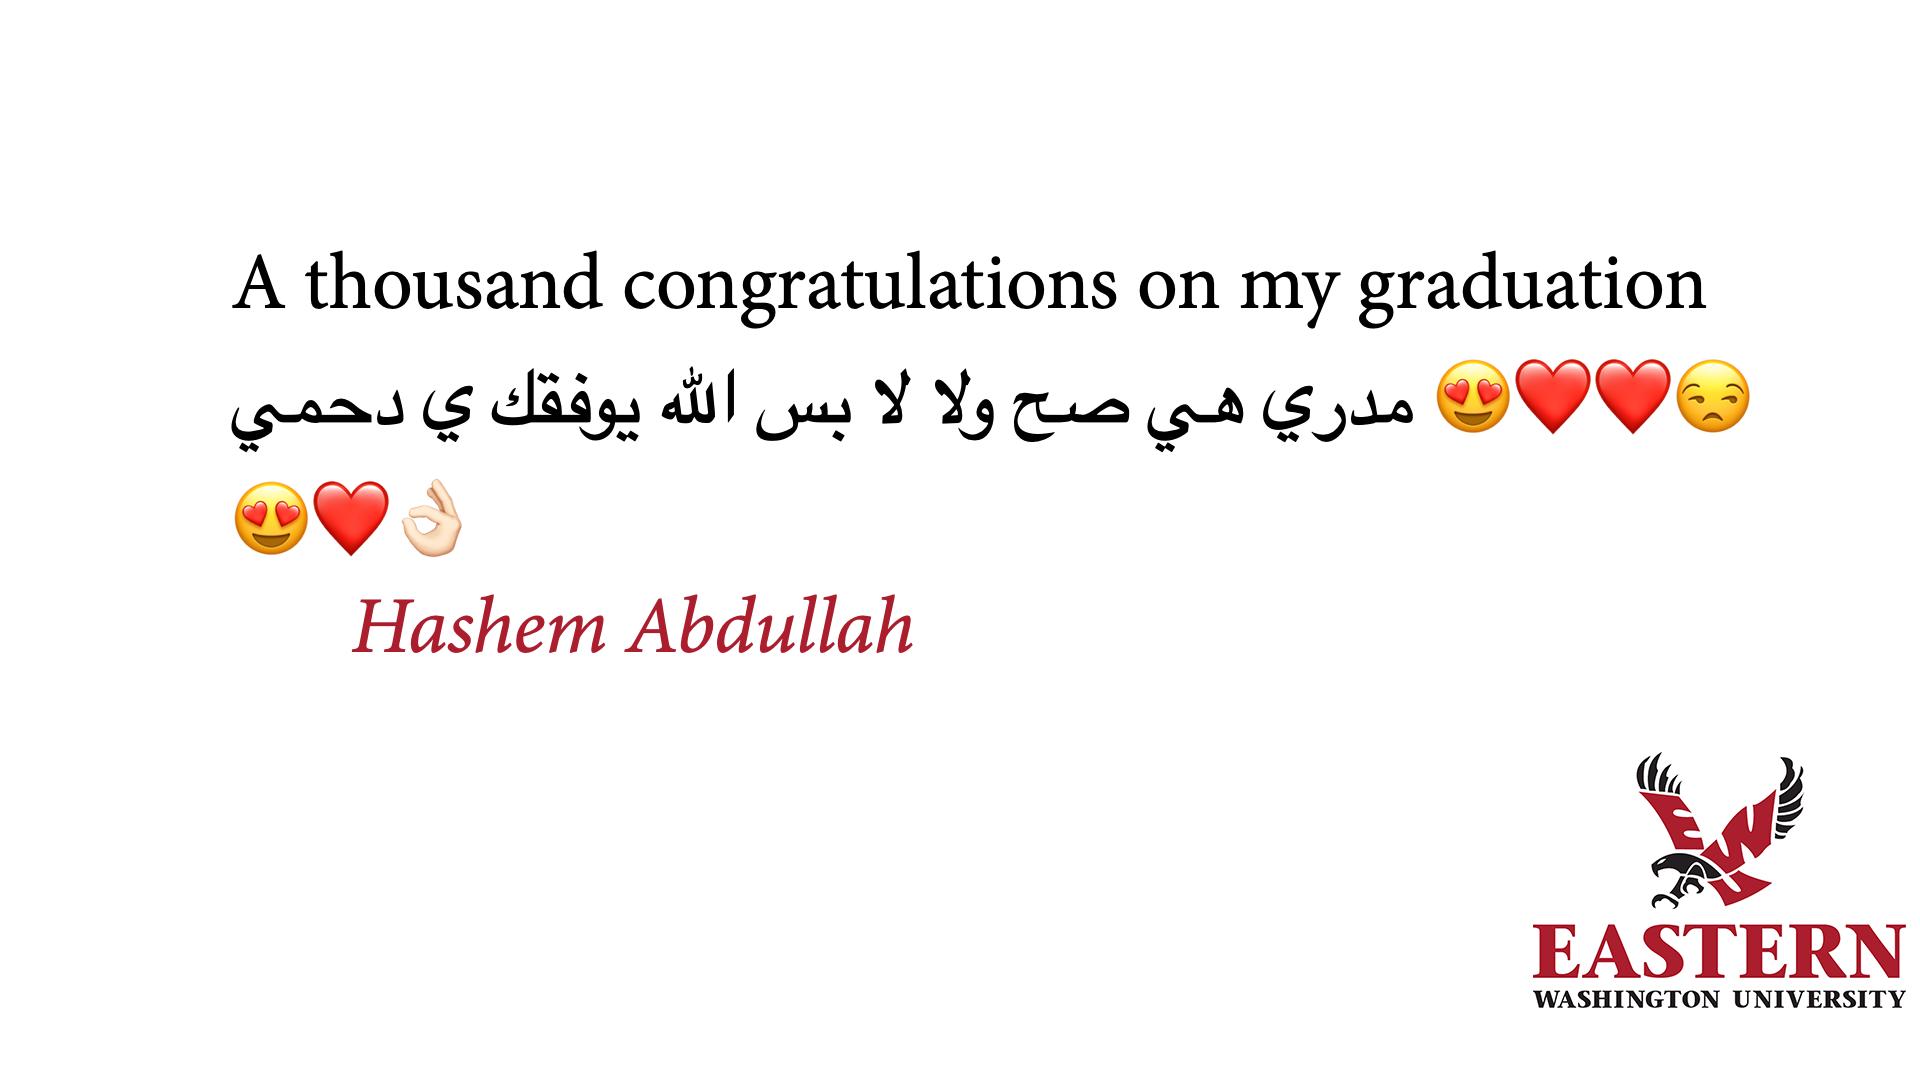 tbi_abdulrahman-abdullah-a_2427.png